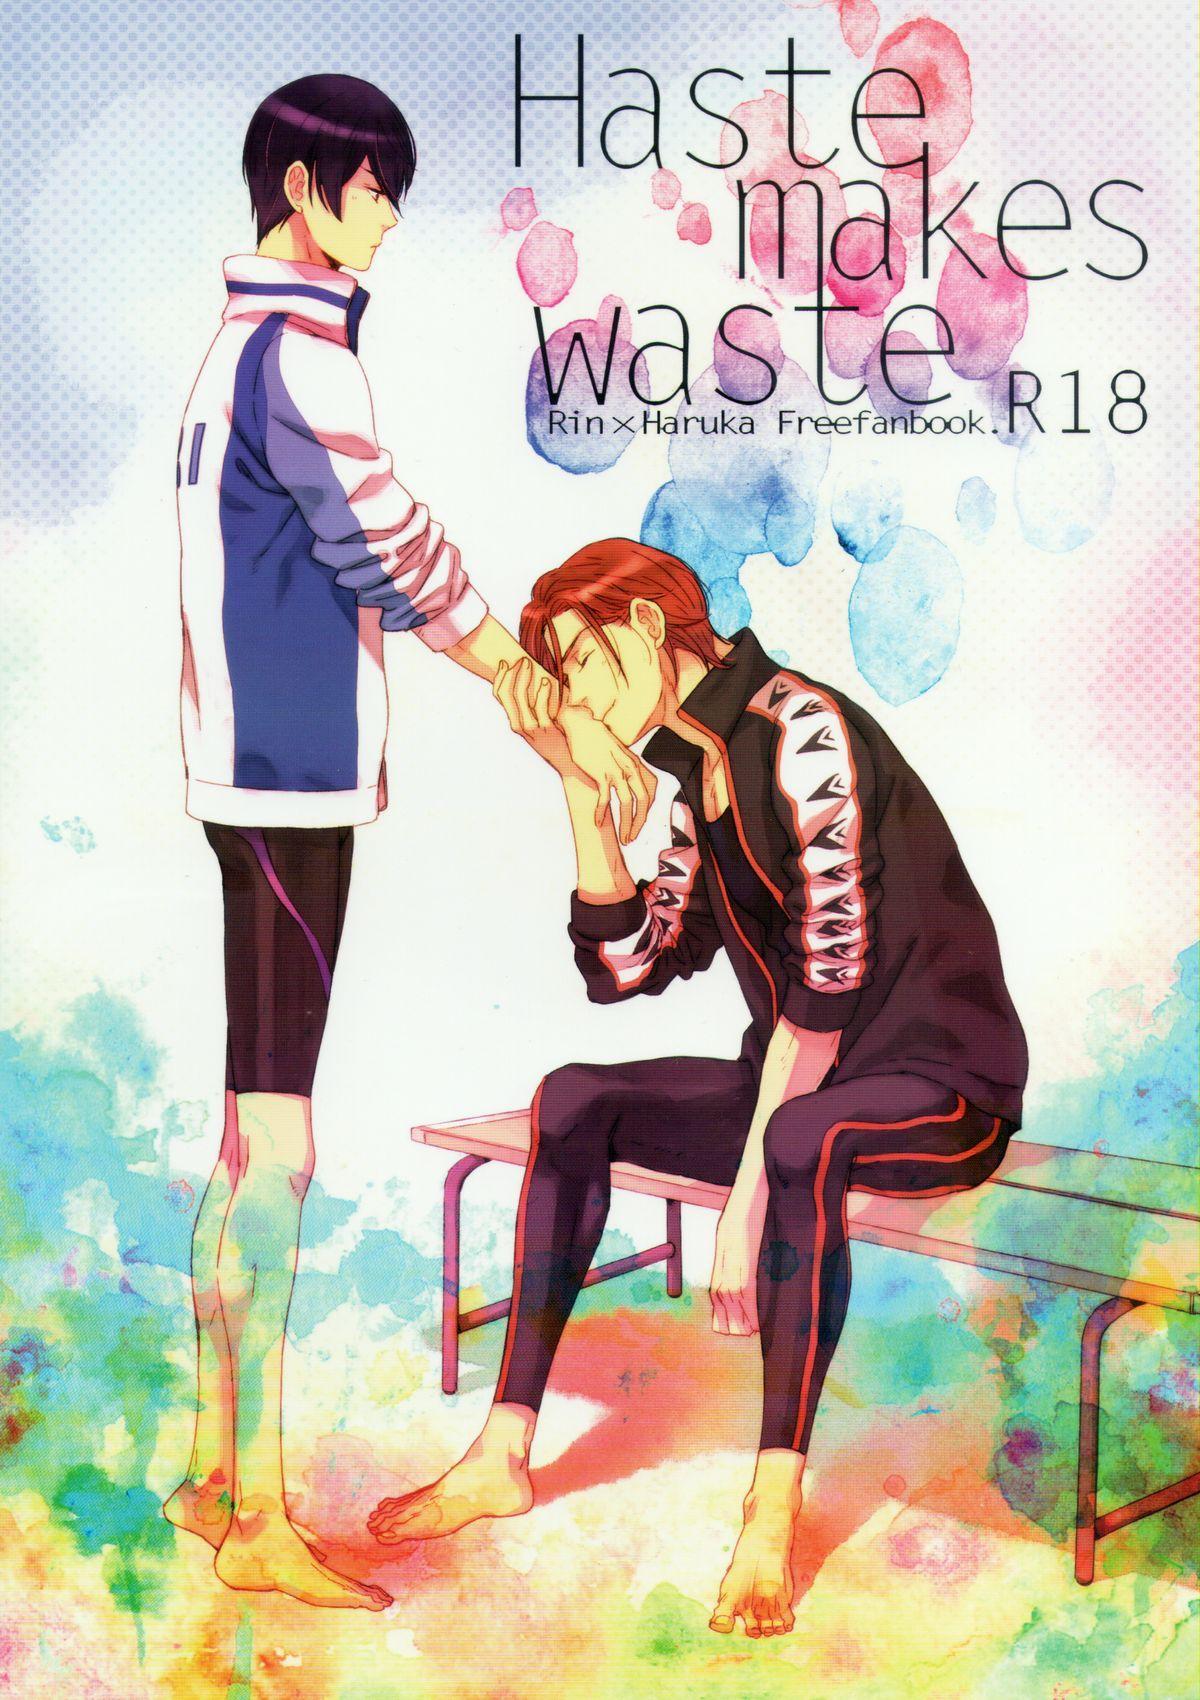 Haste makes waste 0